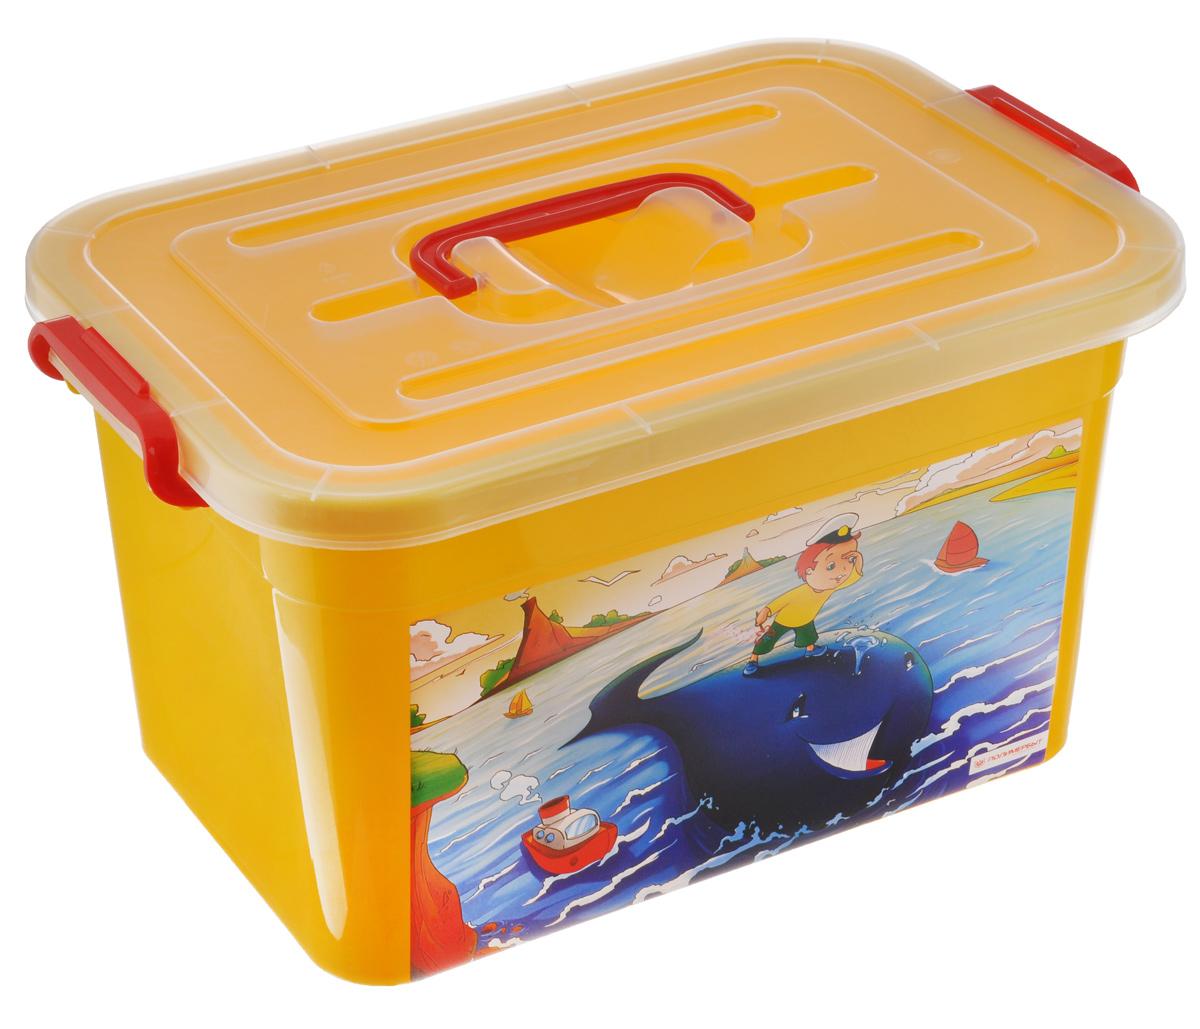 Ящик для игрушек Полимербыт Радуга, цвет: желтый, 10 л. С81001 ящик для игрушек полимербыт микки маус цвет синий 6 5 л